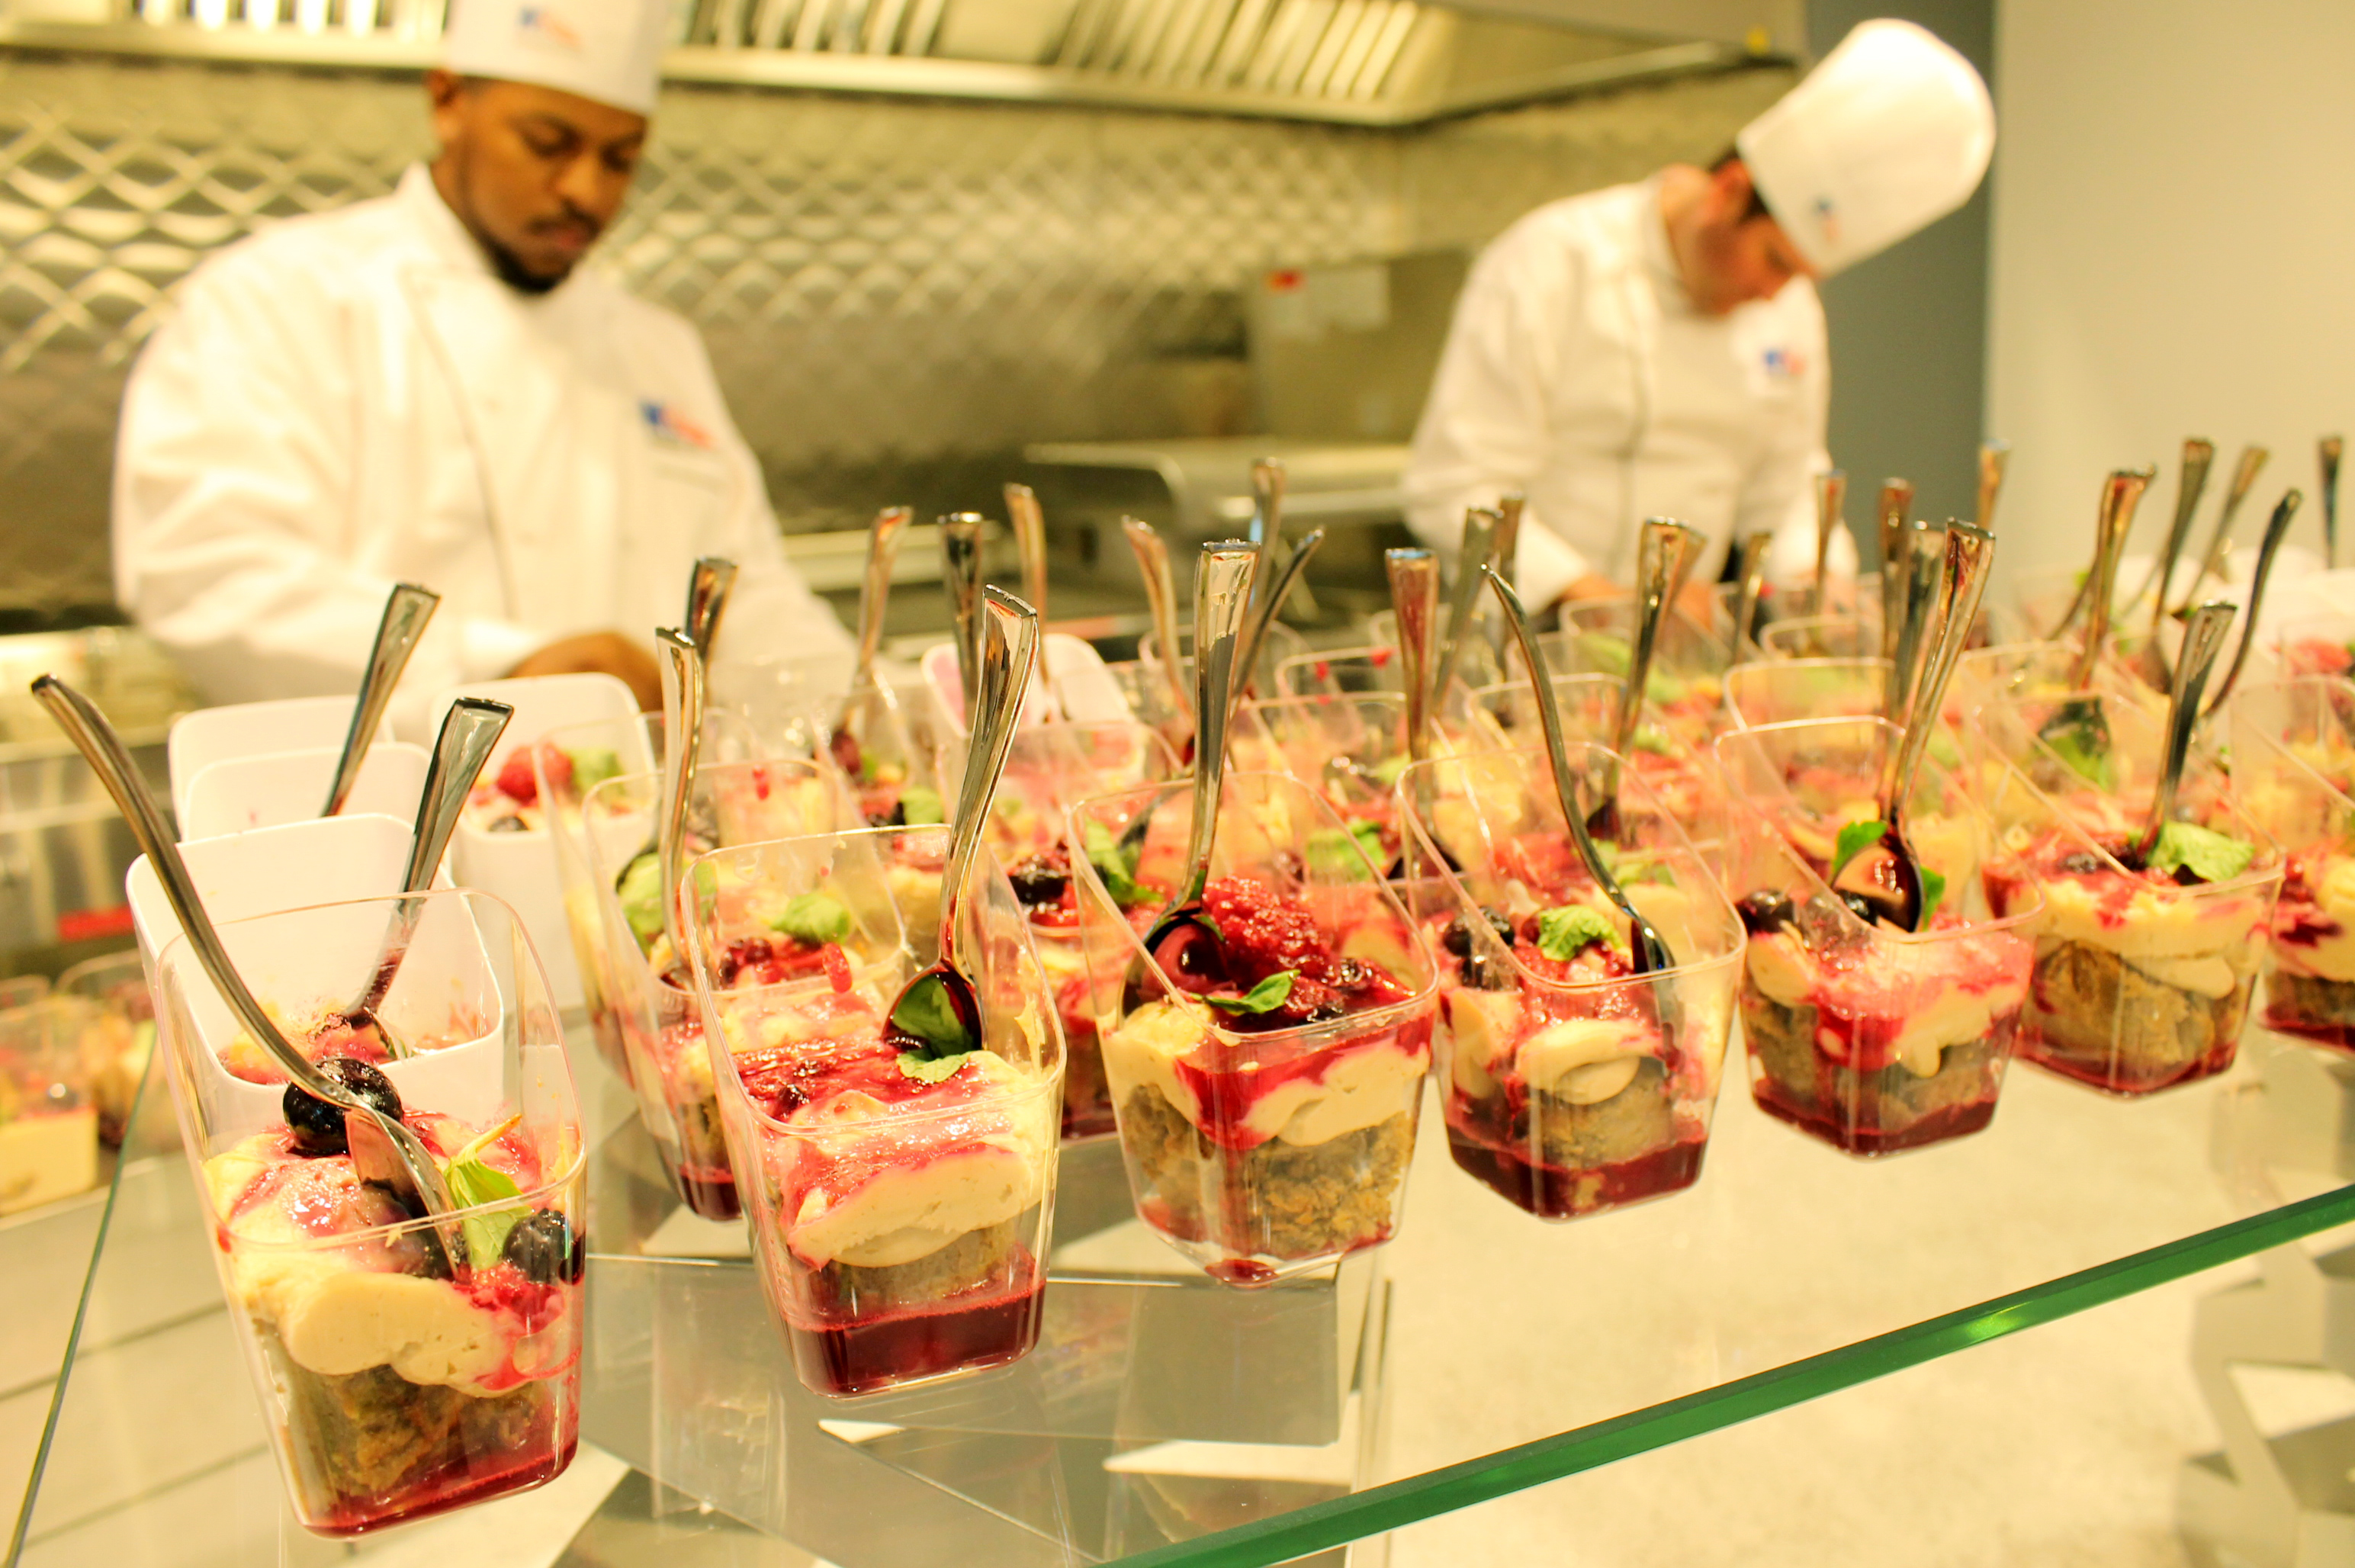 http://memorialcoliseum.com/images/Images/aramarkcatering_gallery/dessert2chefs.jpg